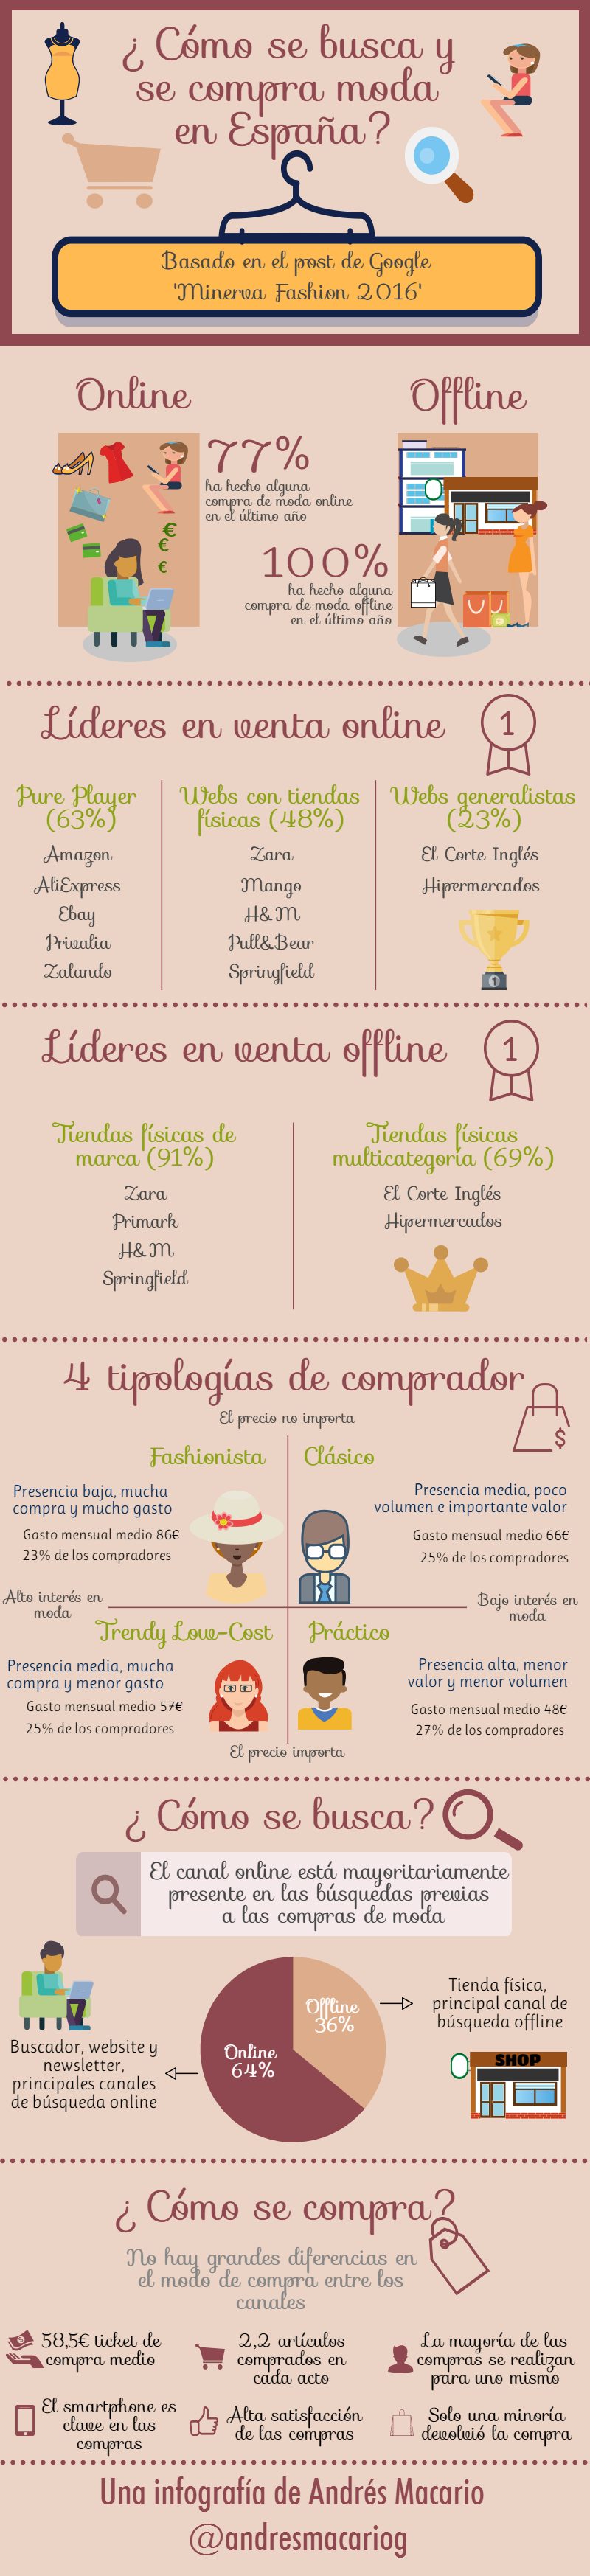 Cómo se busca y se compra moda en España - infografía Andrés Macario